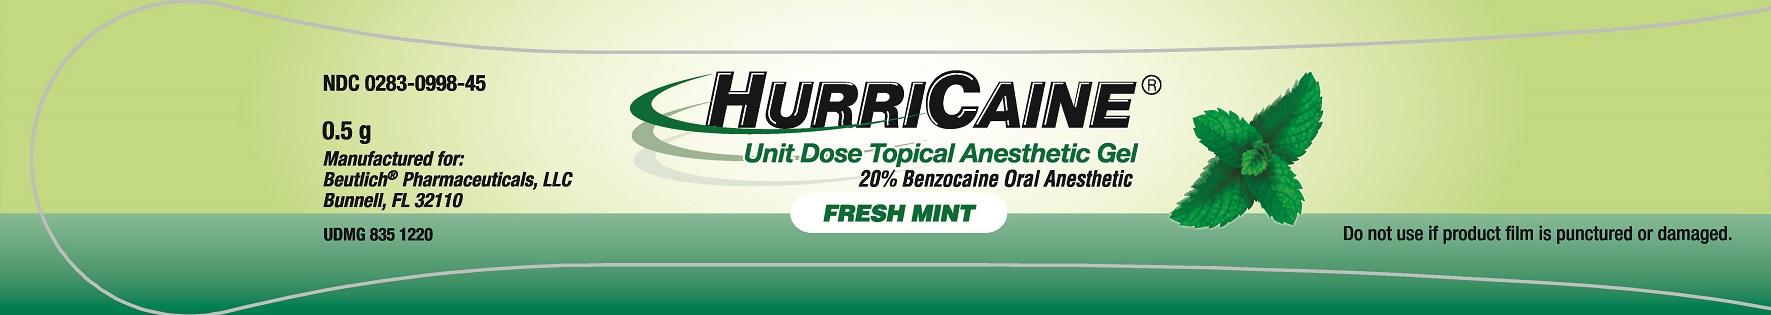 Unit Dose Gel - Mint - 0.5g